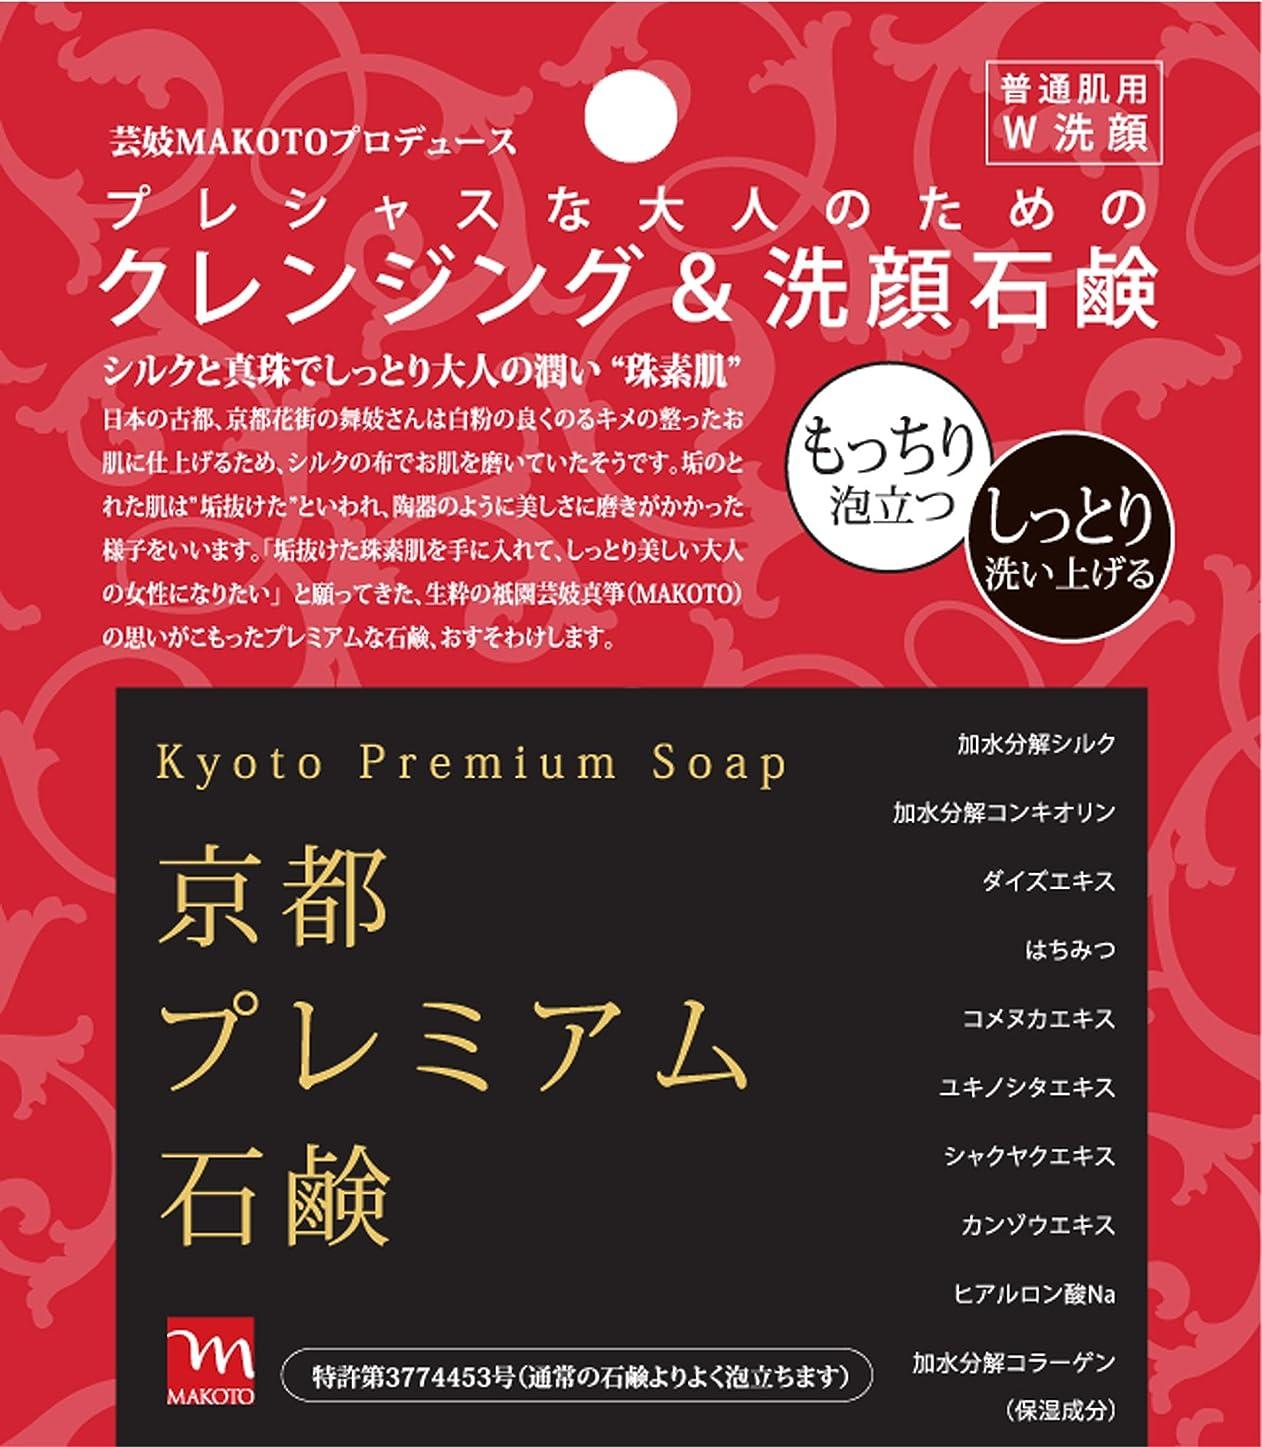 なめらかな導入する封建京都プレミアム石鹸 クレンジング&洗顔石鹸 しっとり もっちり 芸妓さん監修